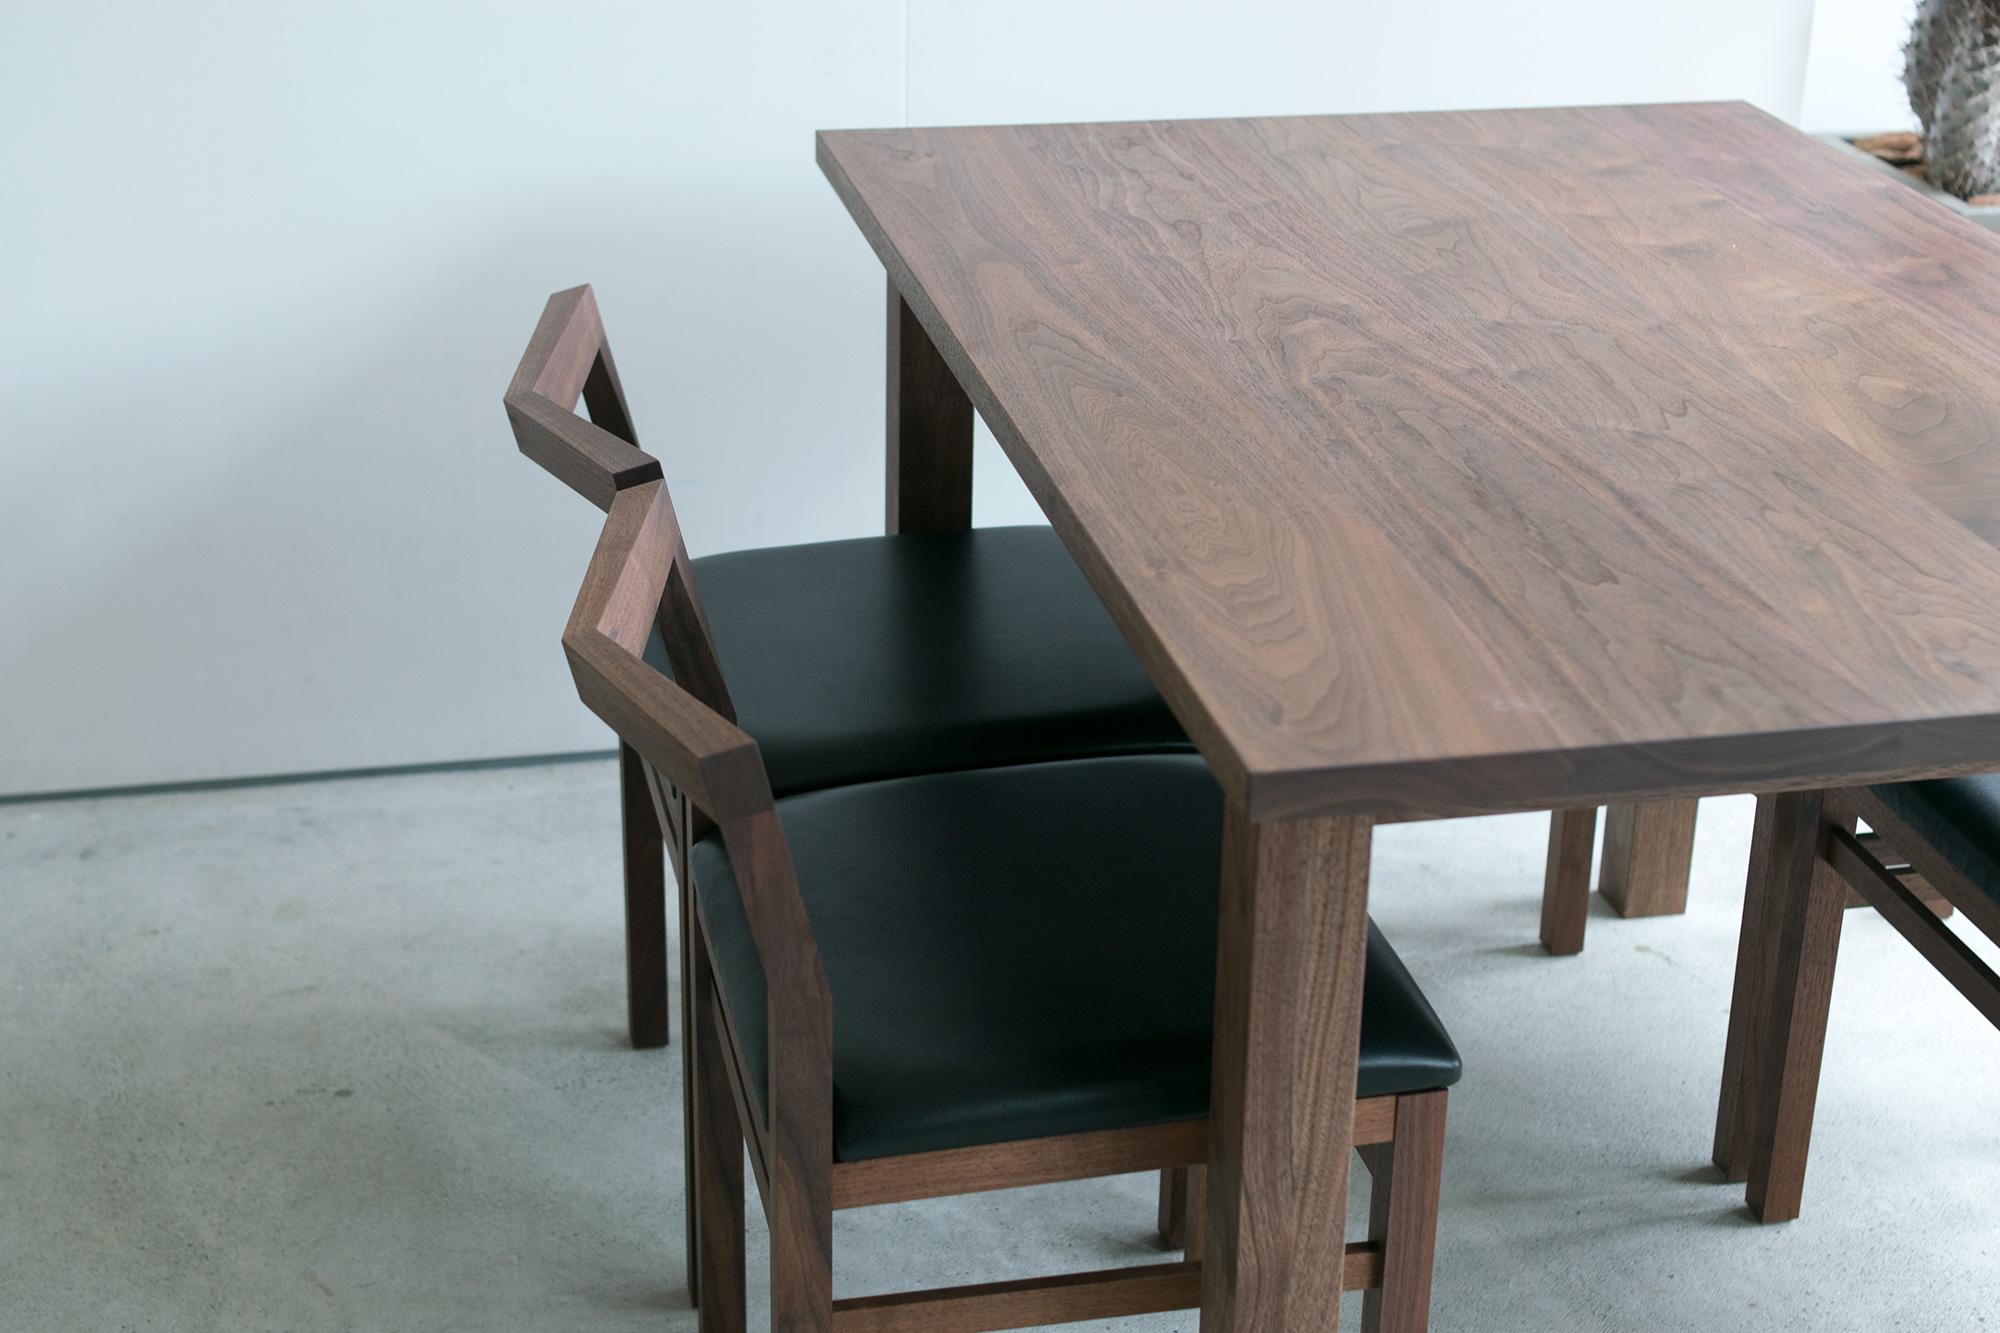 スタンダードテーブルとピコチェア